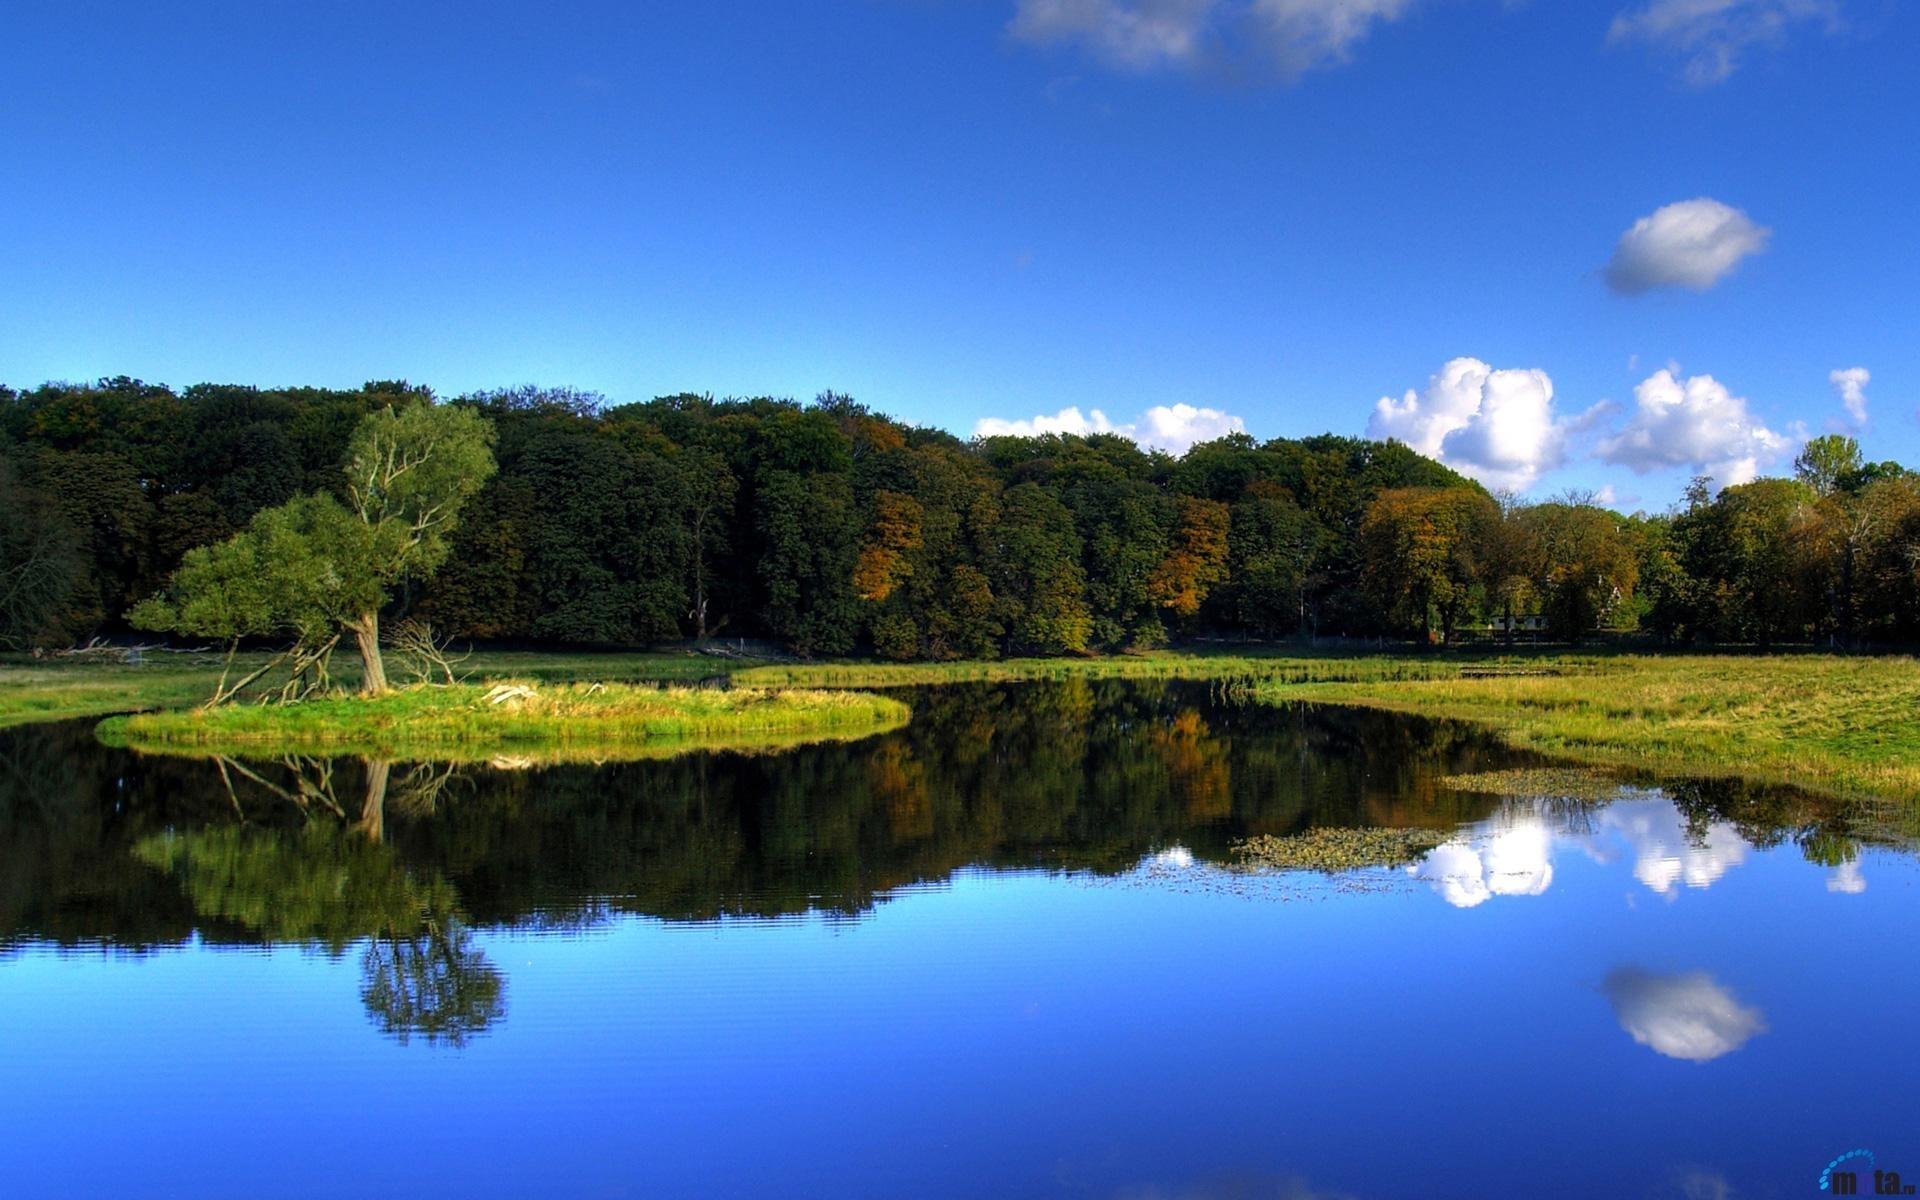 23546 скачать обои Пейзаж, Река, Деревья - заставки и картинки бесплатно